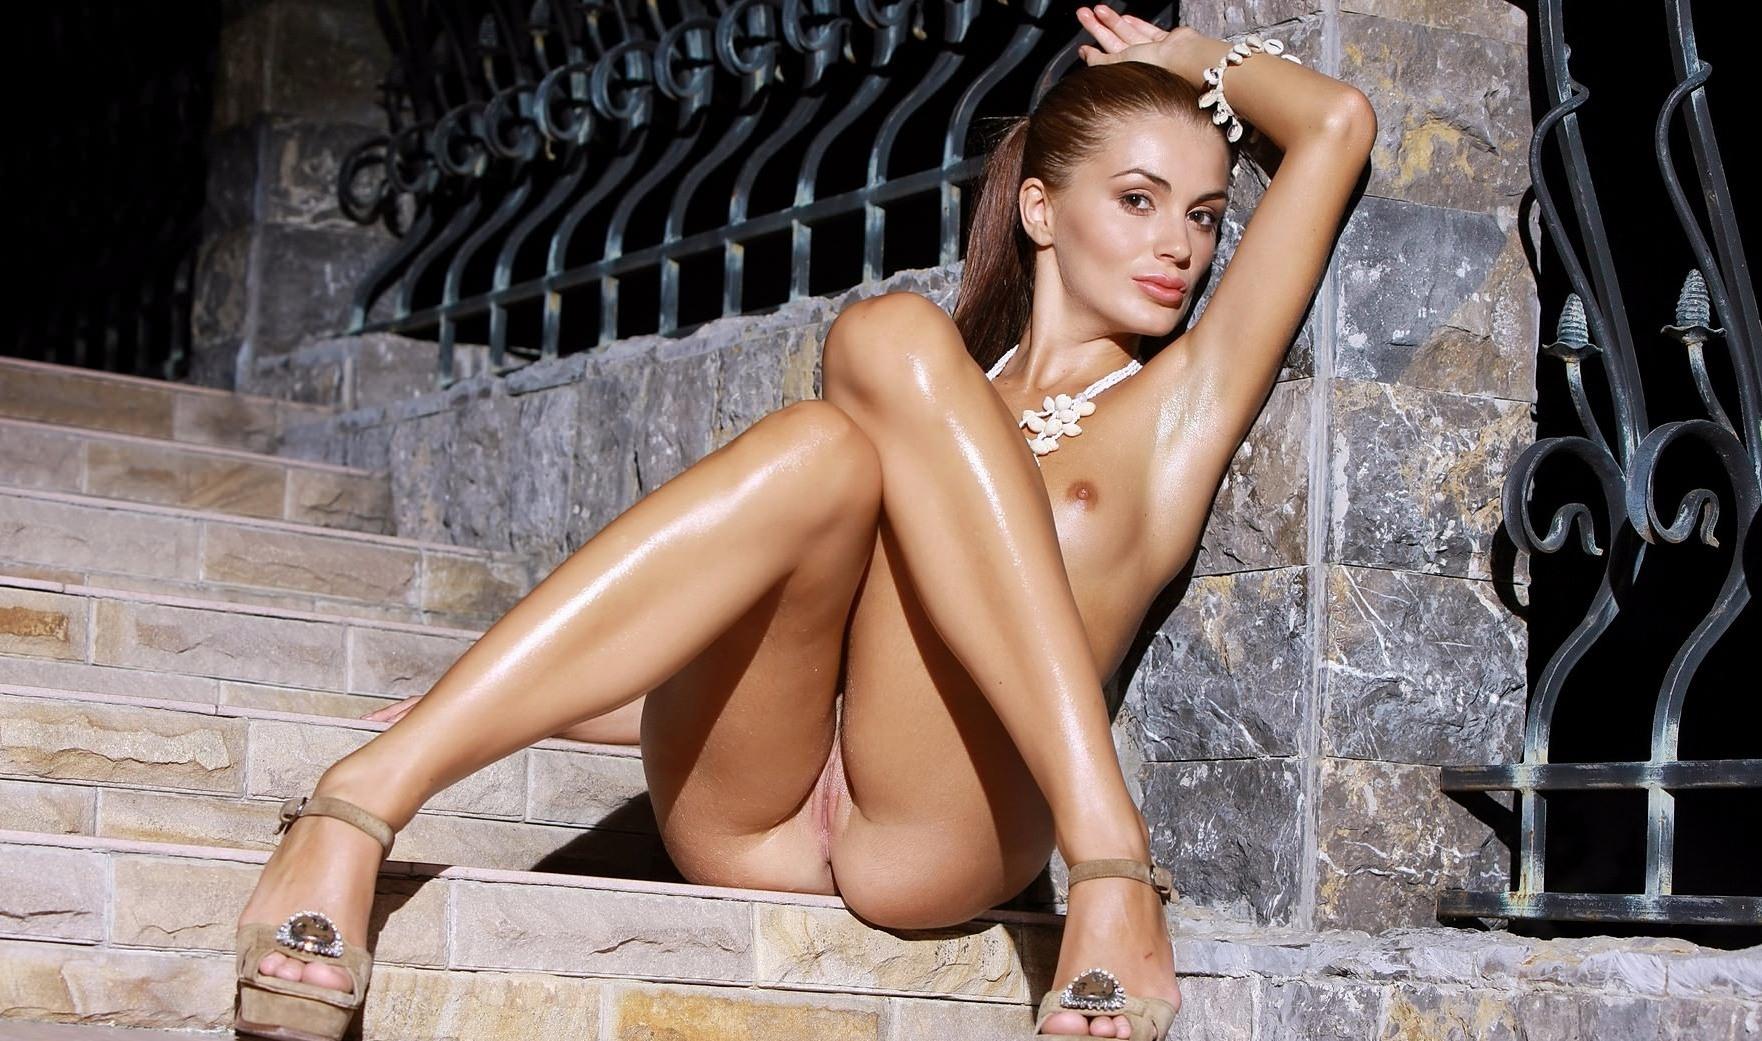 Фото Голая девушка намазала свое сексуальное тело маслом, позирует на лестнице, сексуальные блестящие ножки, попка прижалась к лестнице, скачать картинку бесплатно